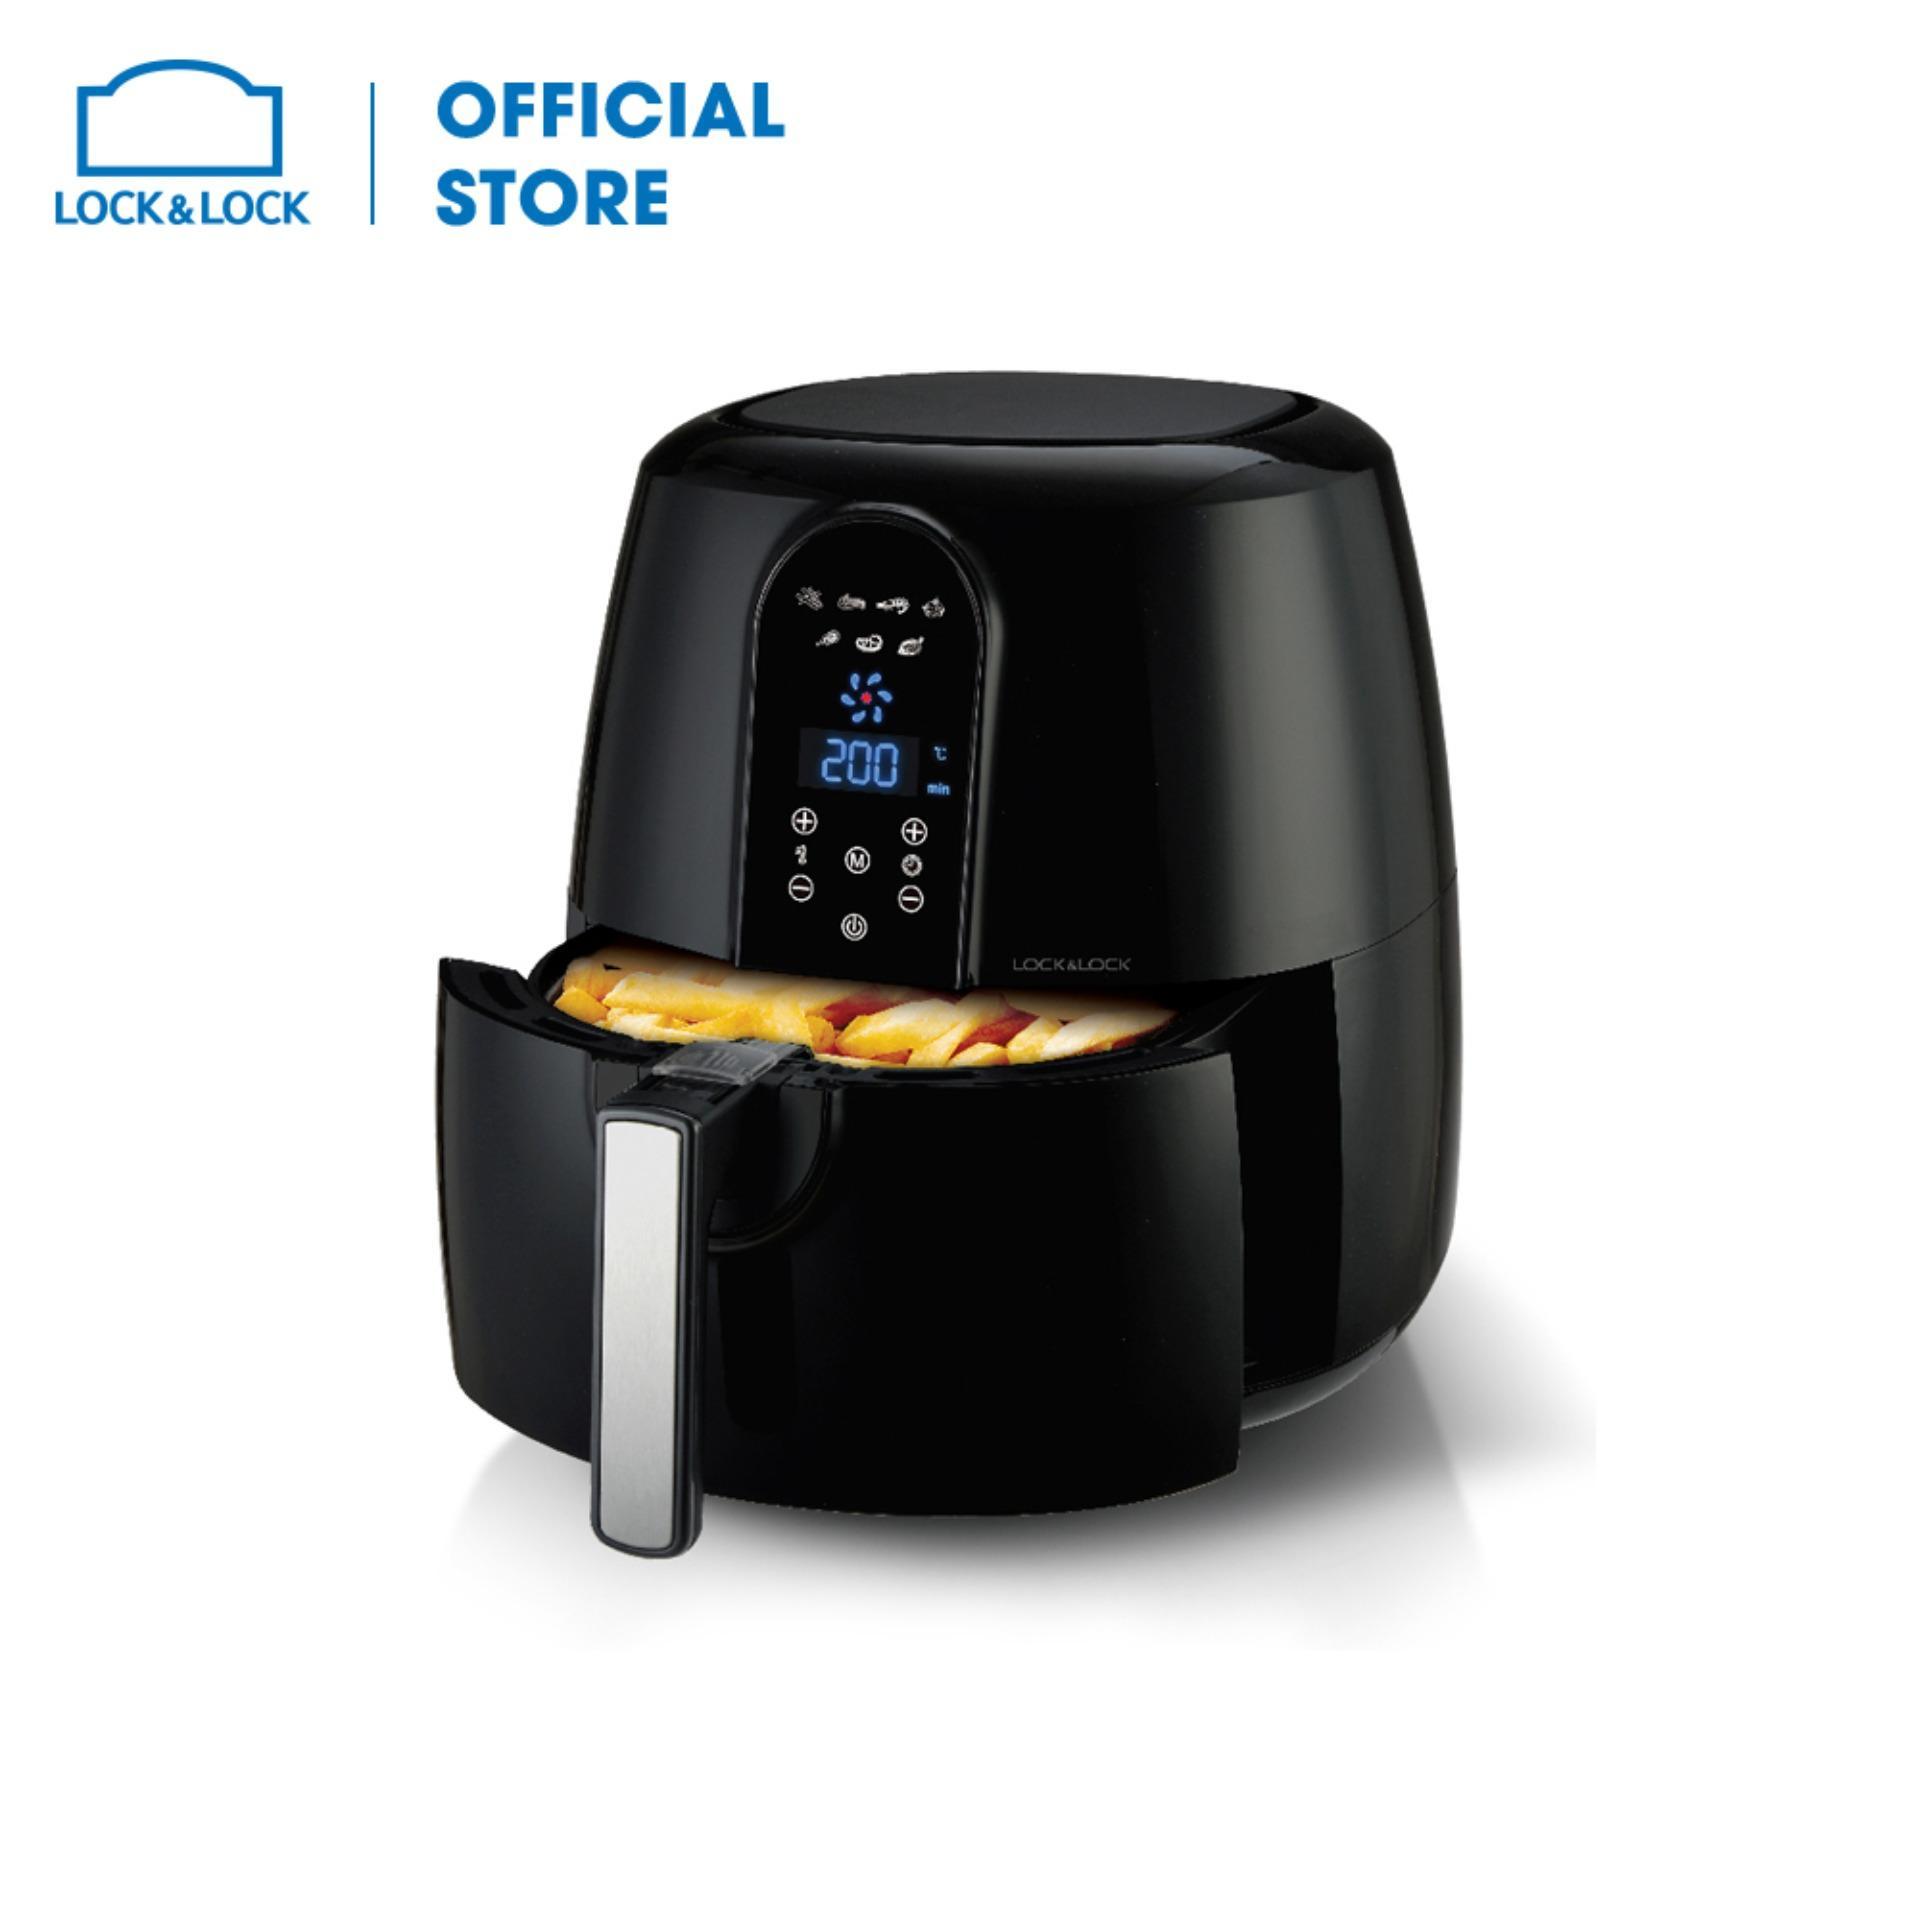 [5.2L BIG SIZE] Nồi chiên không dầu Lock&Lock Jumbo Digital Eco Fryer EJF351 - 5.2L. Thiết kế độc đáo, cấu hình làm nóng tối ưu - Công suất 1800W - Bảo hành 12 tháng - Hàng chính hãng